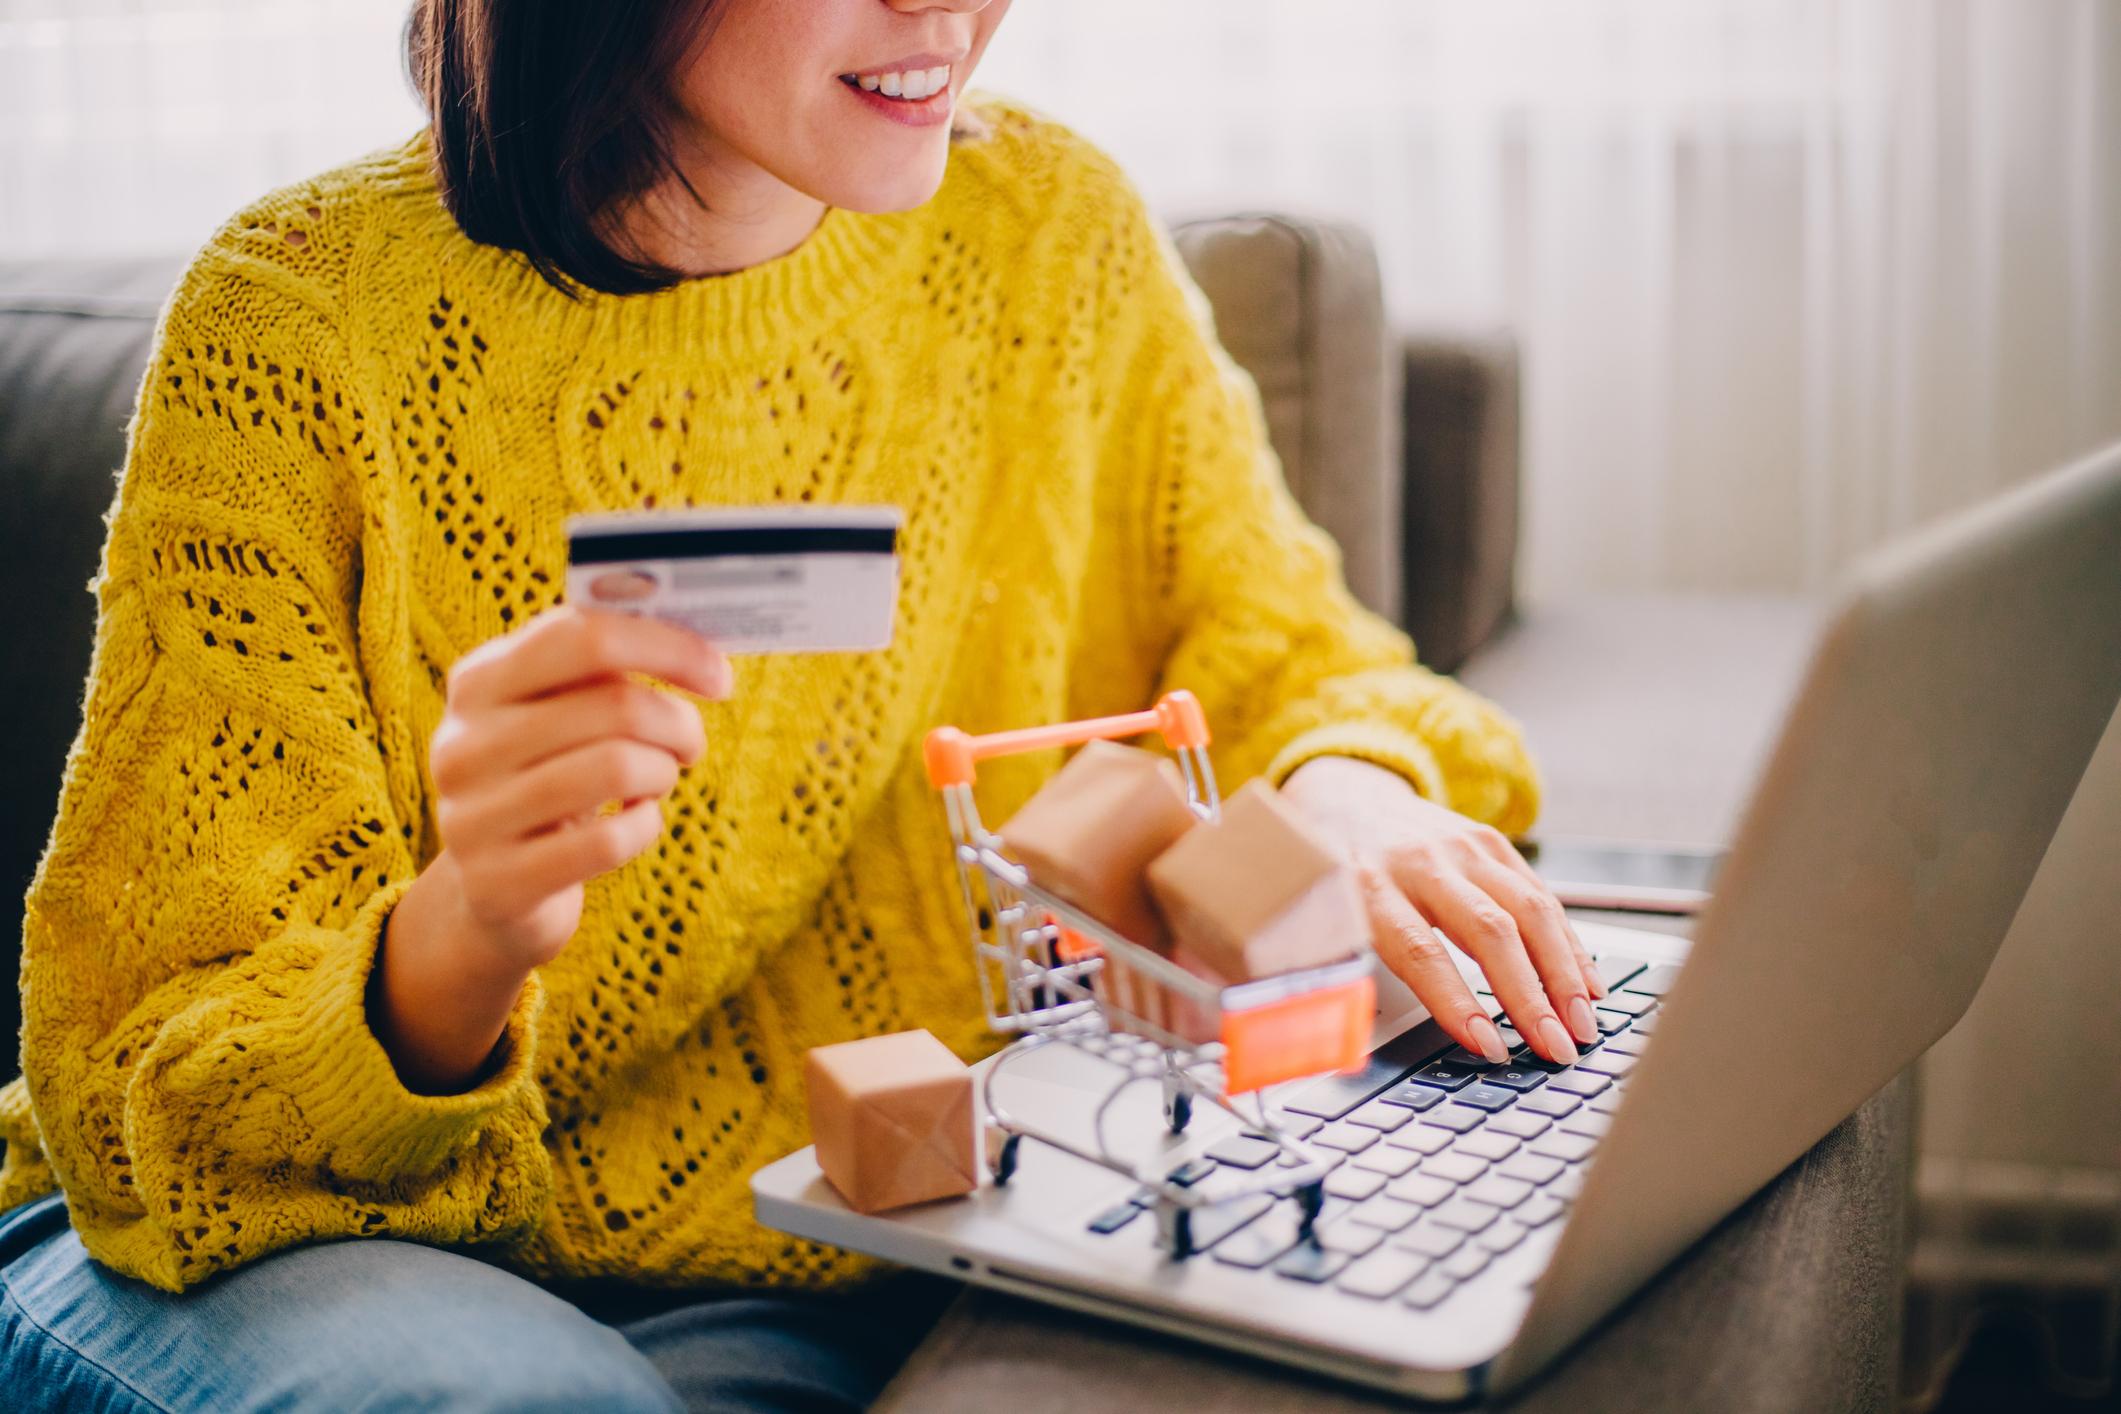 Tendências e dicas para E-commerces em 2021: entrevista com Pedro Sobral da Locaweb